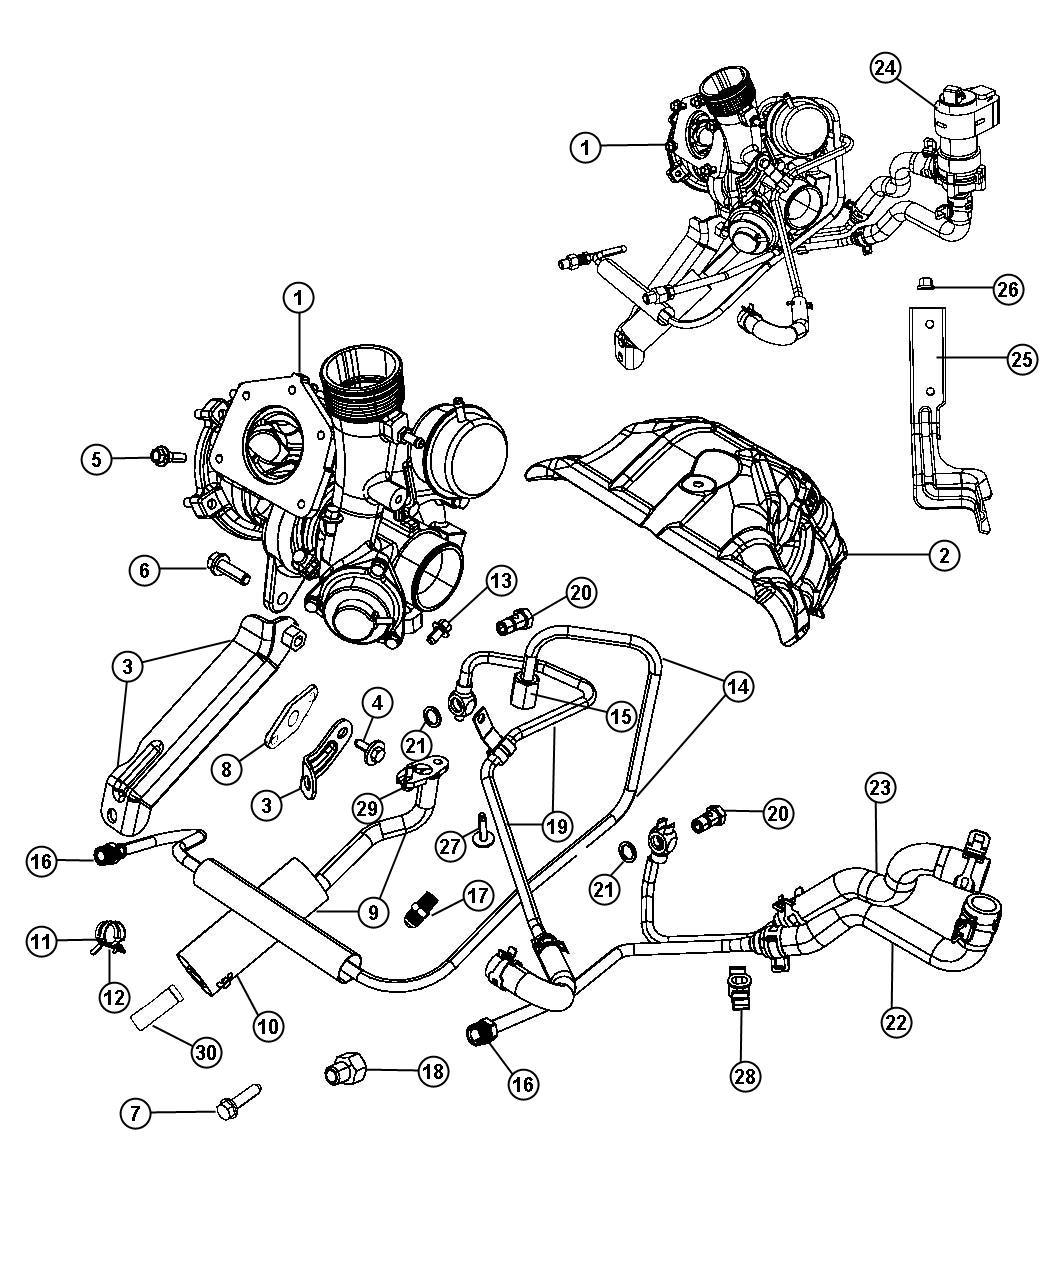 Dodge Caliber Parts Diagram